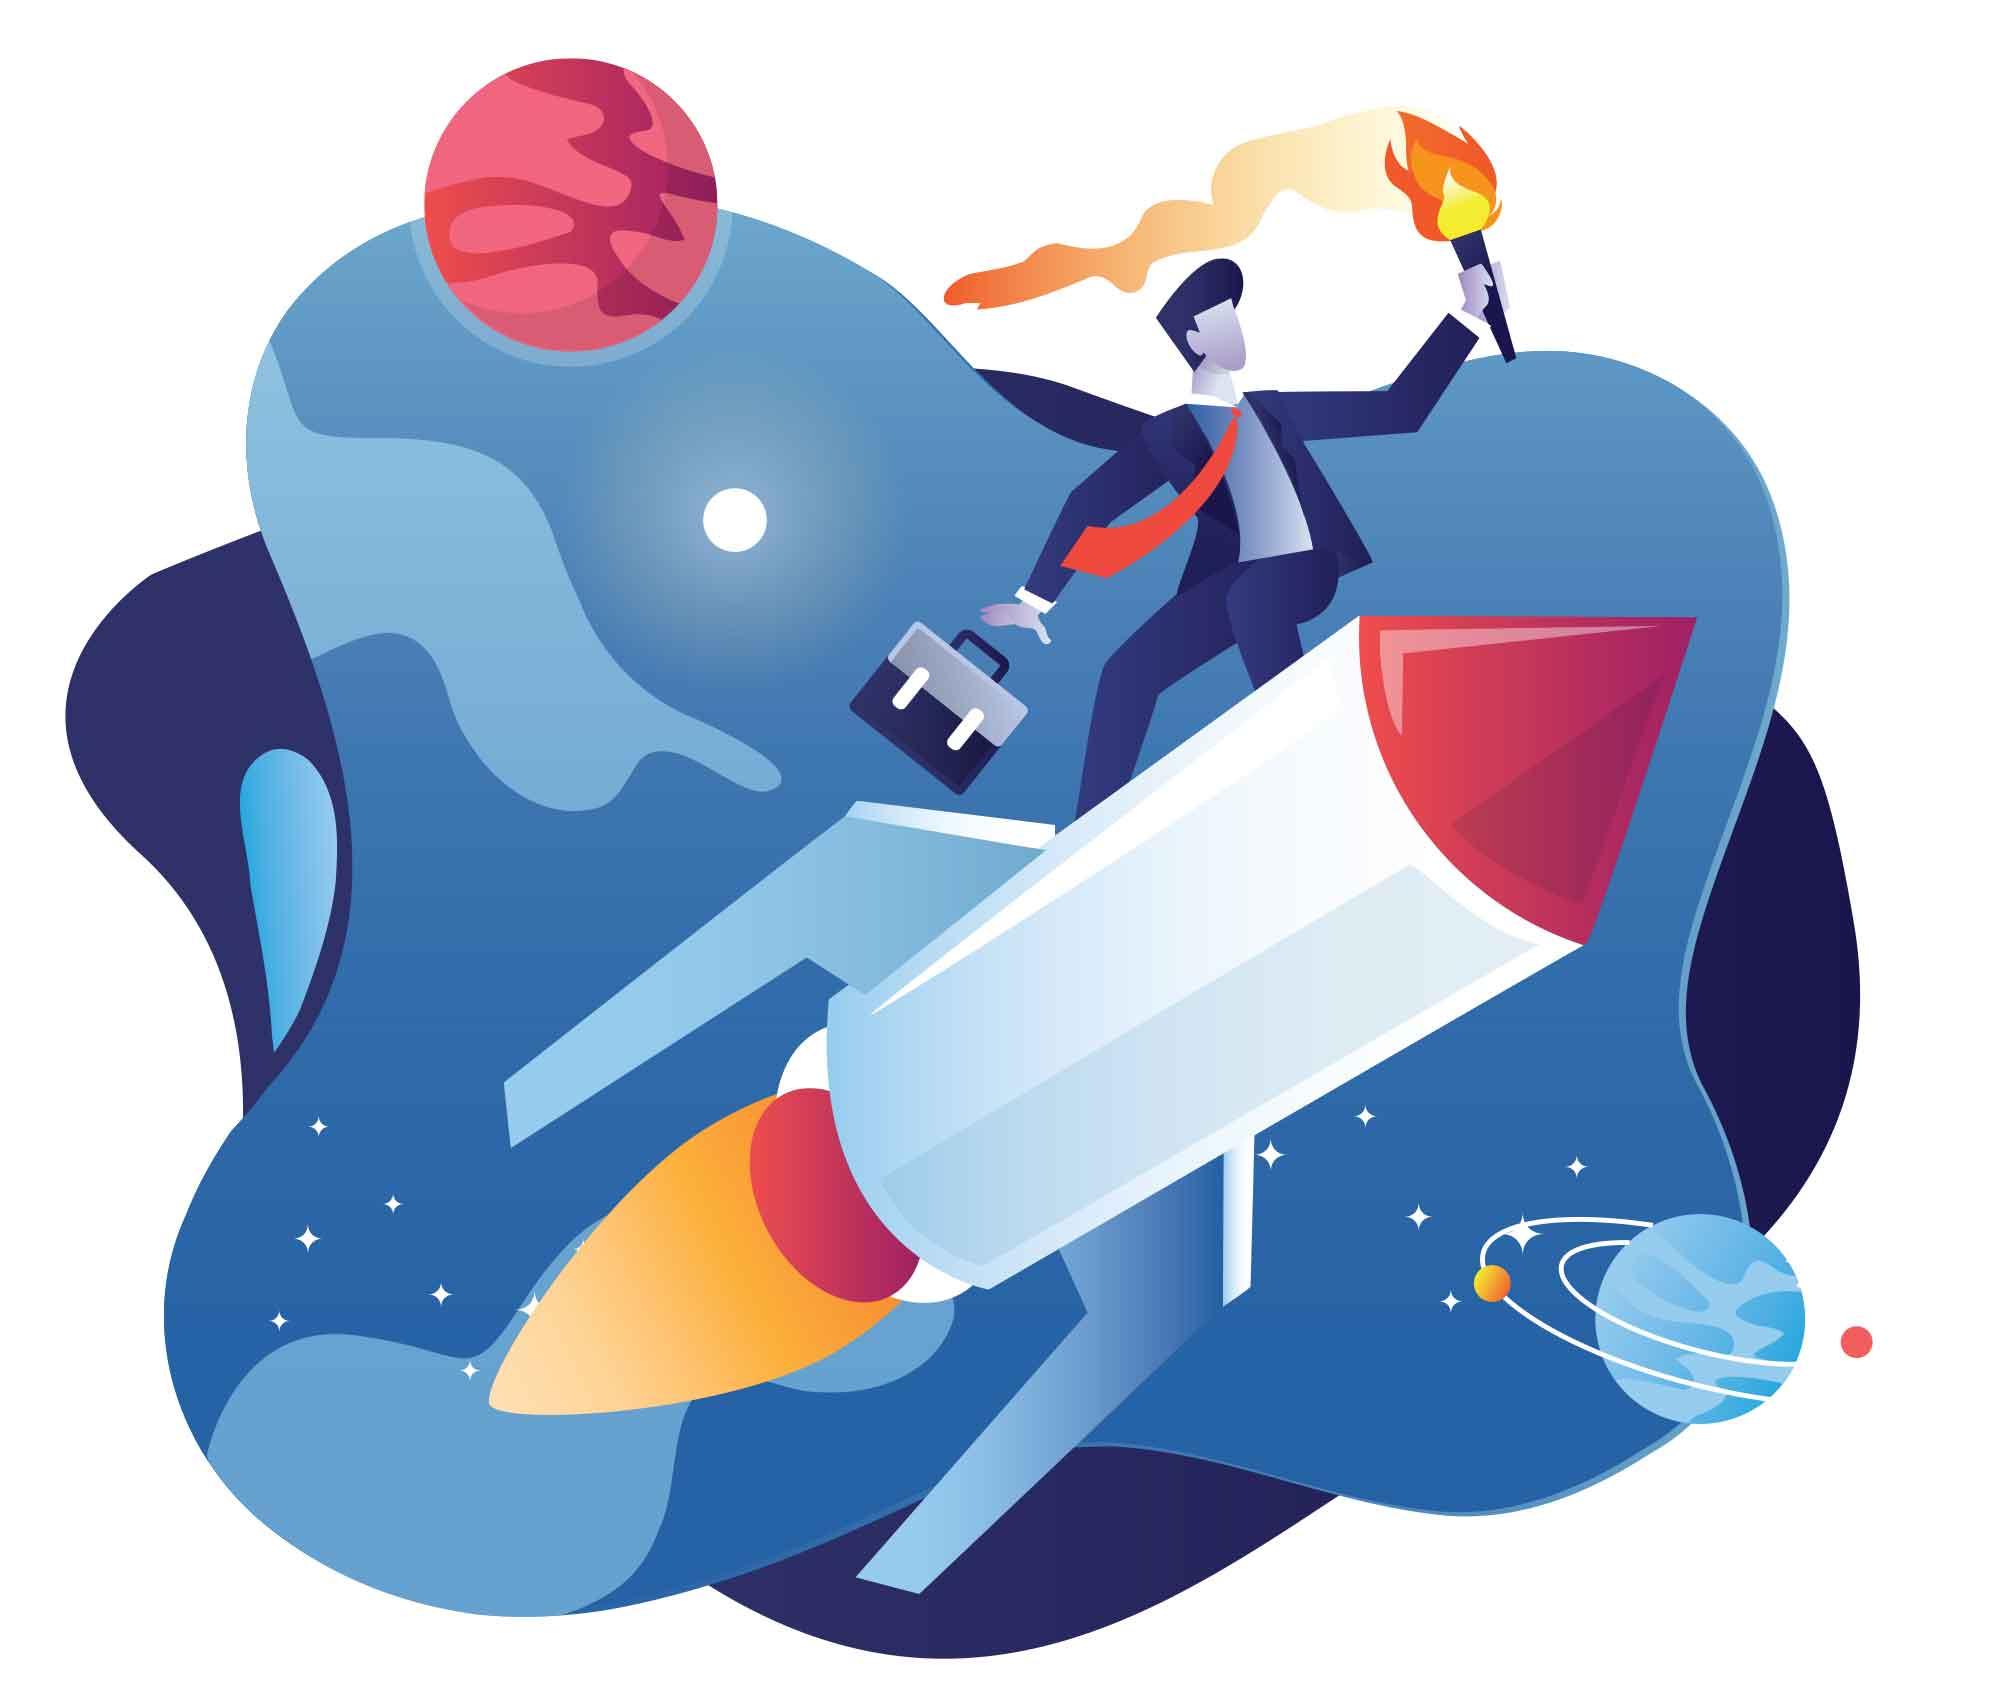 Entrepreneur Start-Up Illustration